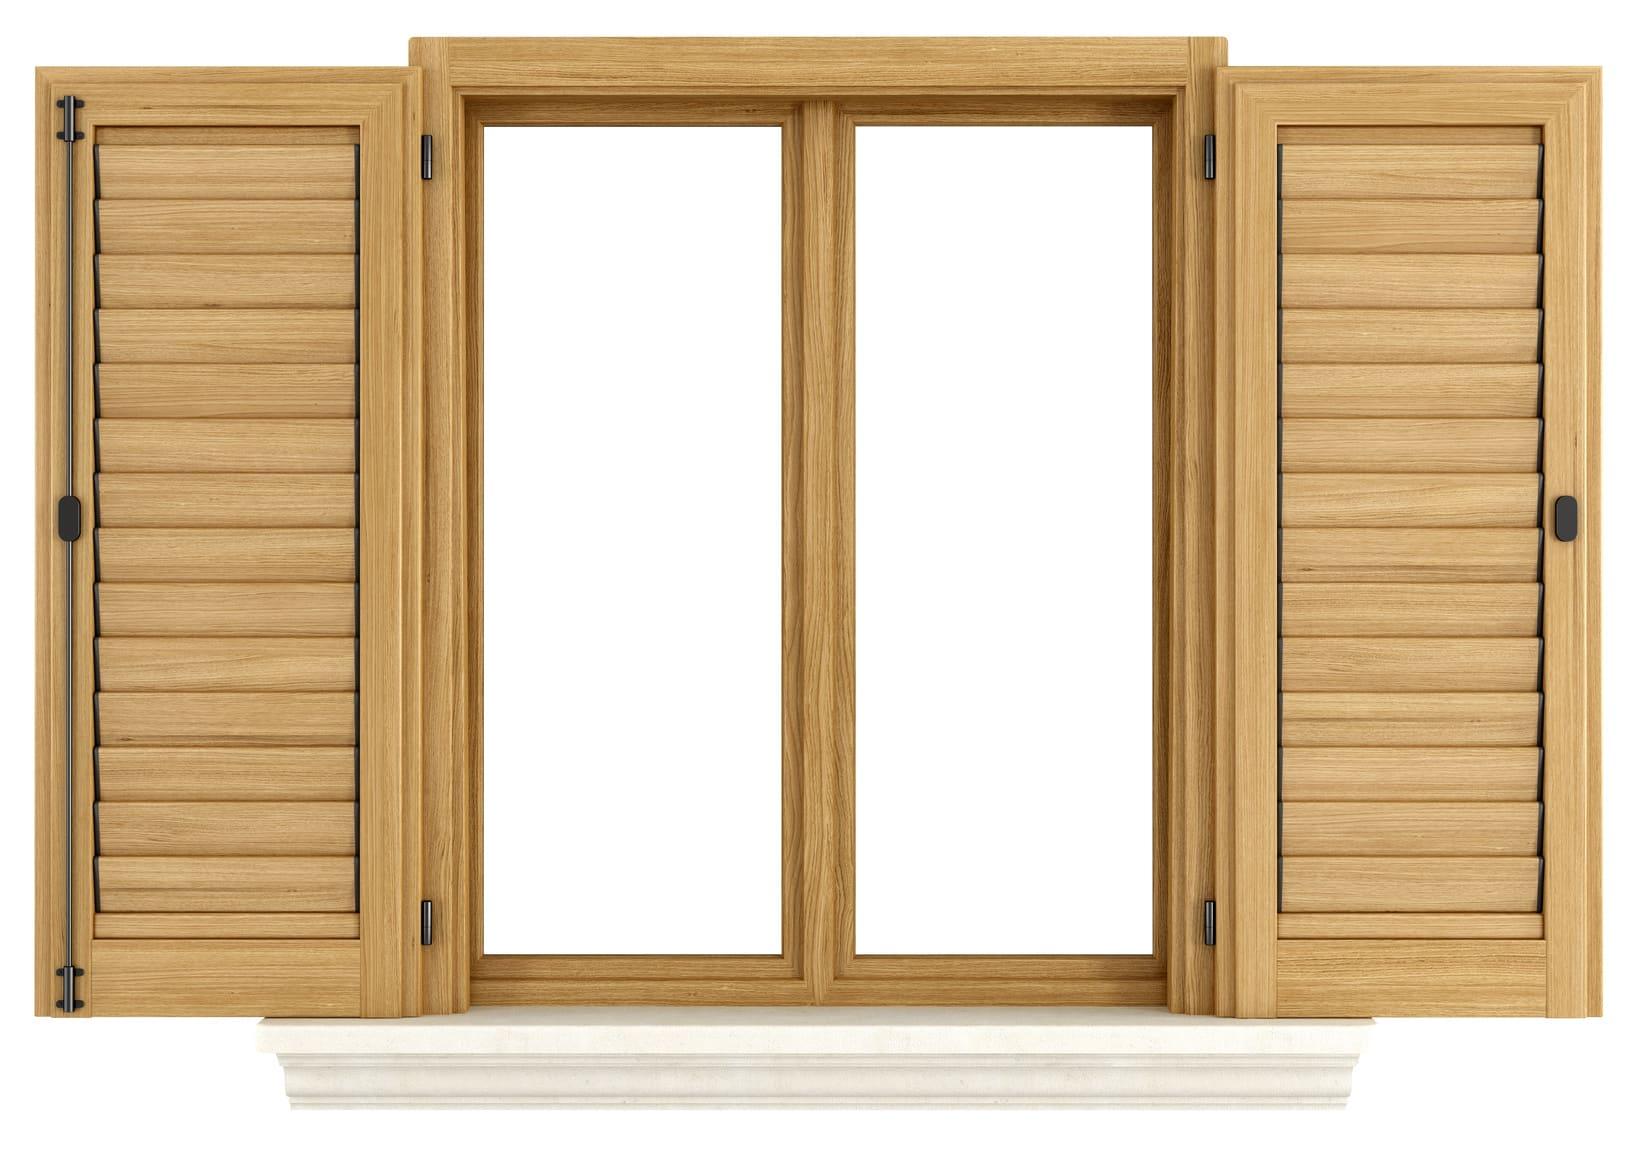 le prix d 39 une fen tre en bois et de son installation les tarifs et devis. Black Bedroom Furniture Sets. Home Design Ideas